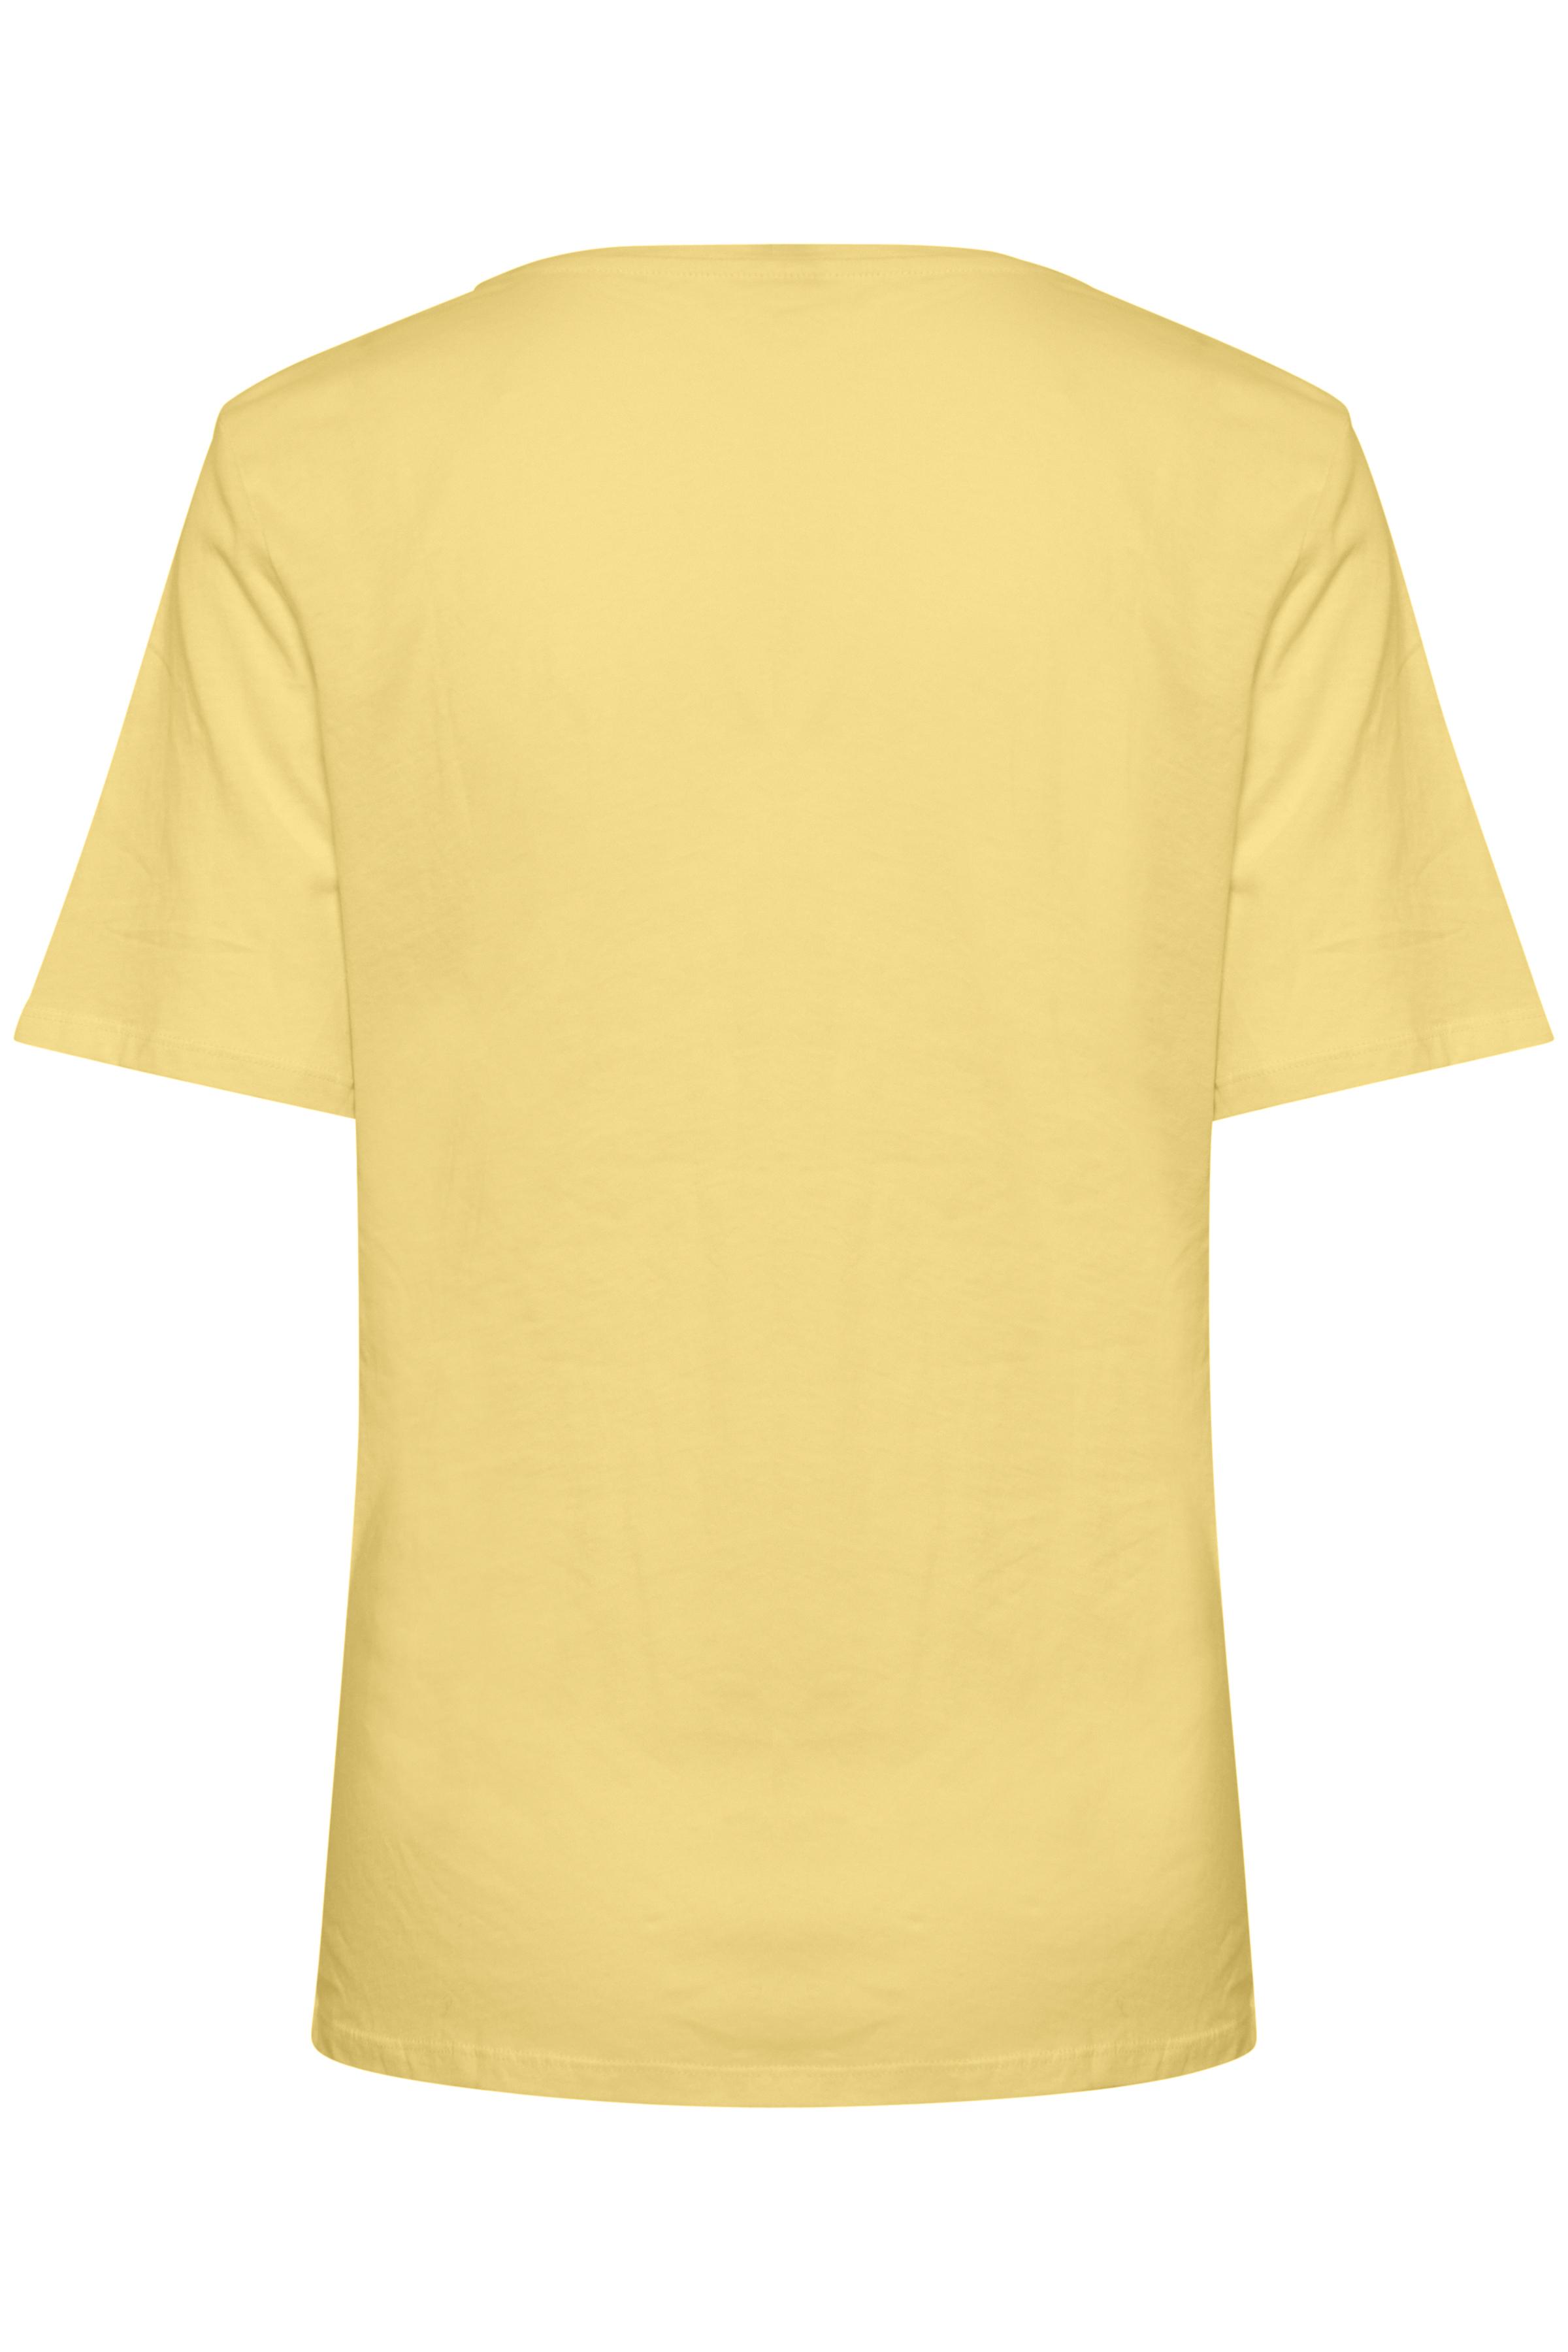 Aspen Gold T-Shirt – Køb Aspen Gold T-Shirt fra str. XS-XXL her